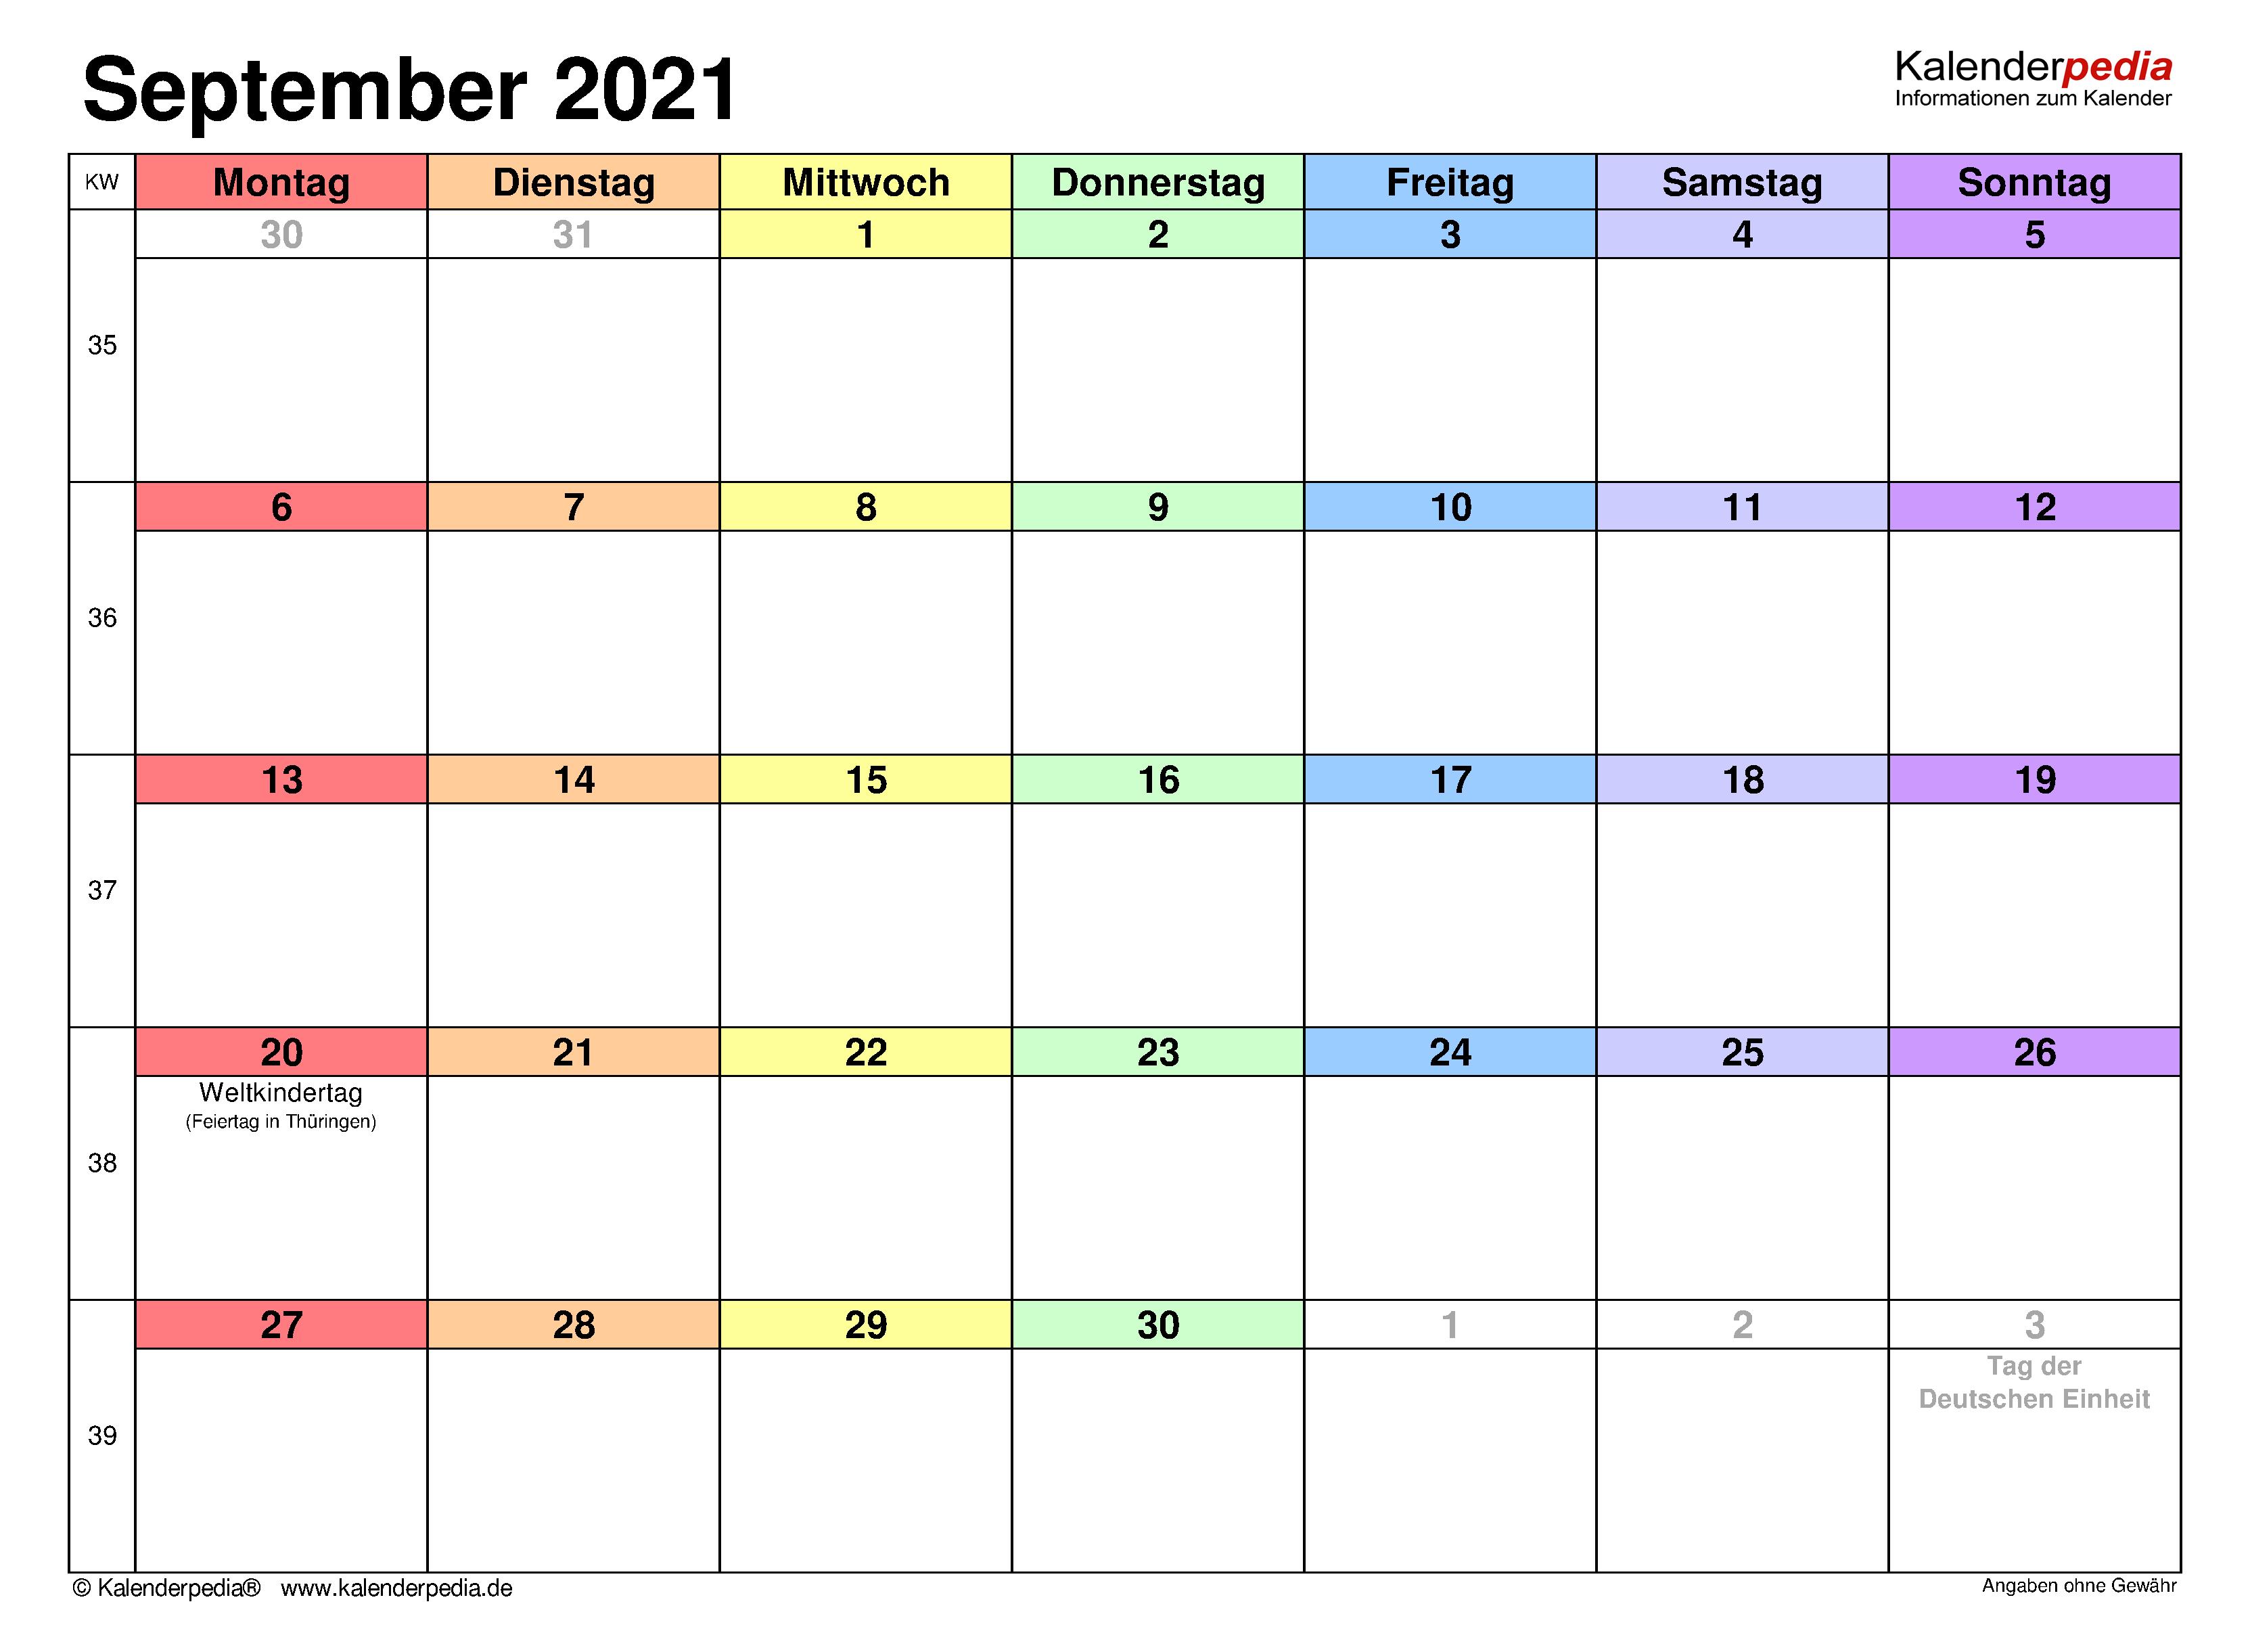 Wie HeiГџt Ein Neuer Internationaler FuГџballwettbewerb, Der September 2021 Starten Soll?